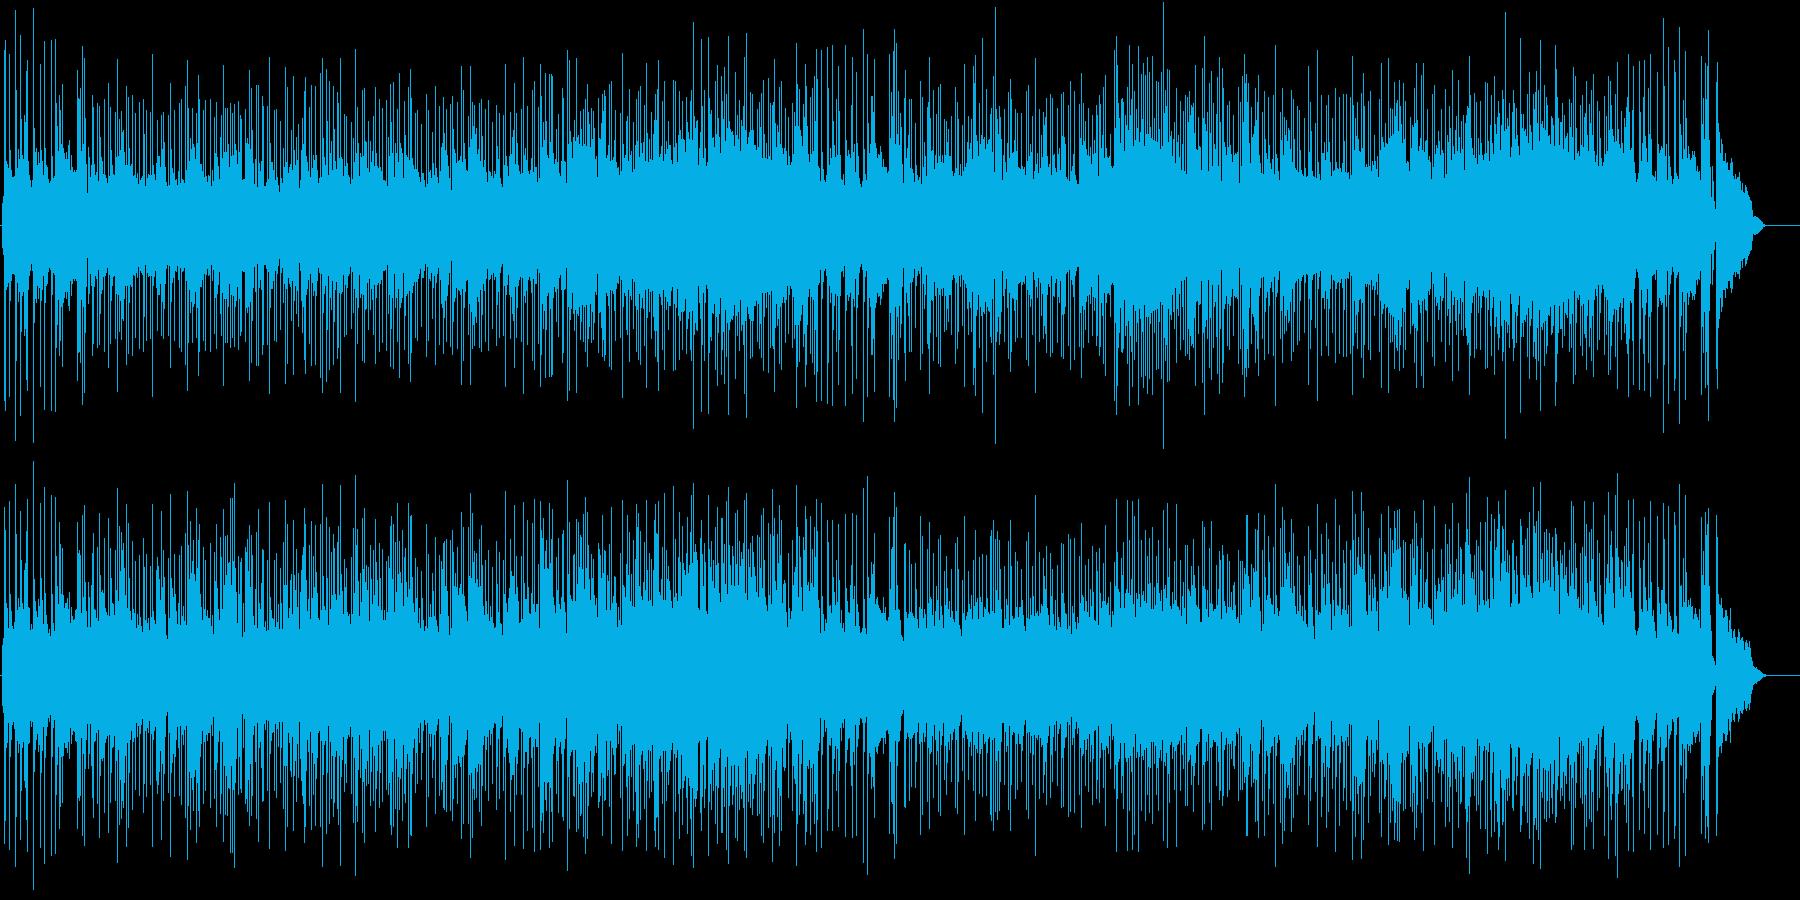 耳ざわり良い安らぎのボサノヴァ・サウンドの再生済みの波形